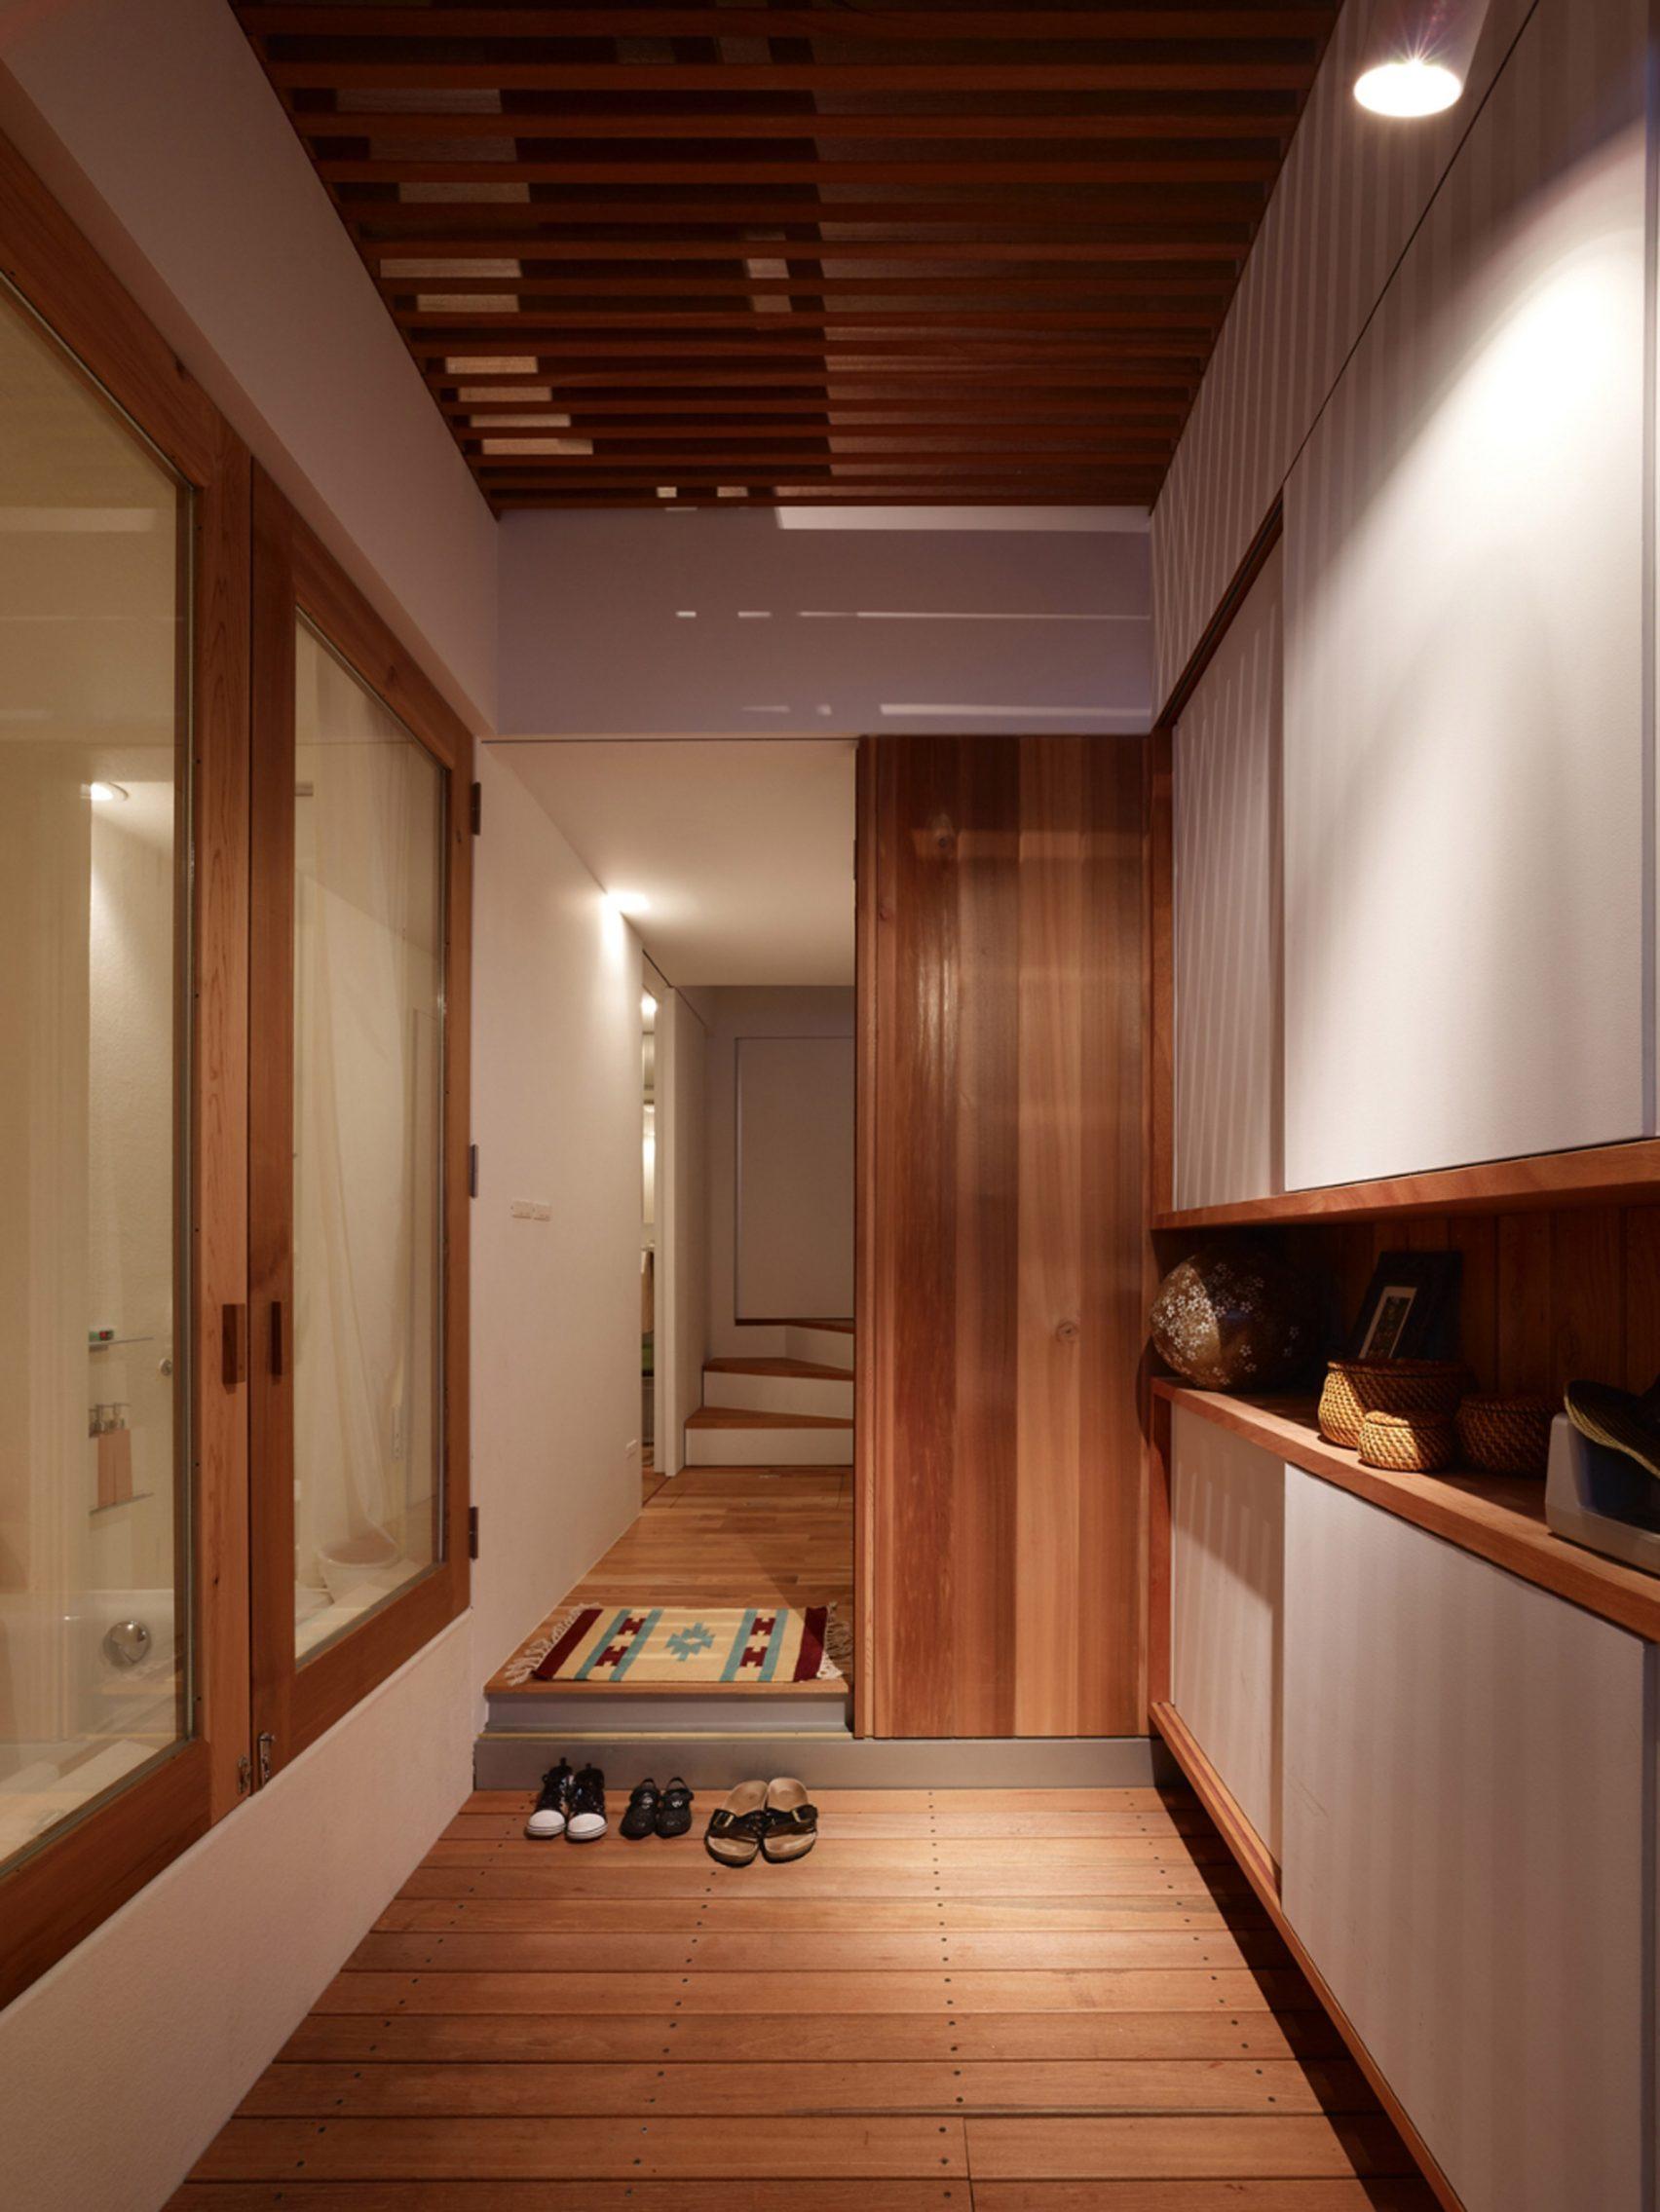 Rumah Mungil Lebar 2 5 Meter Di Kobe Ikons Id